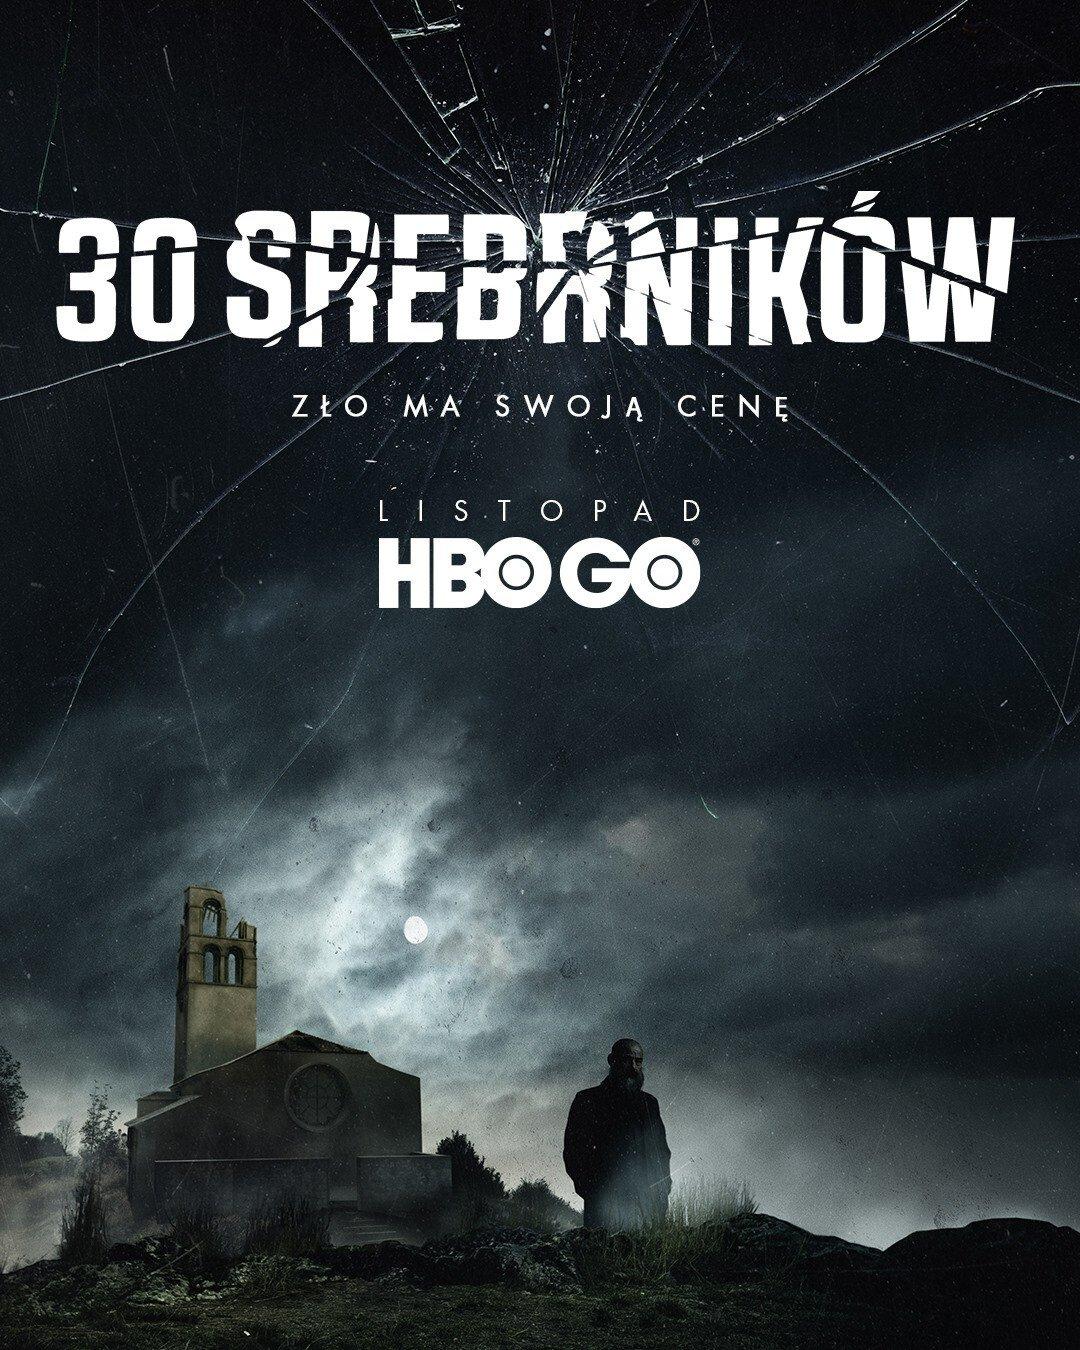 30 srebrników serial hbo